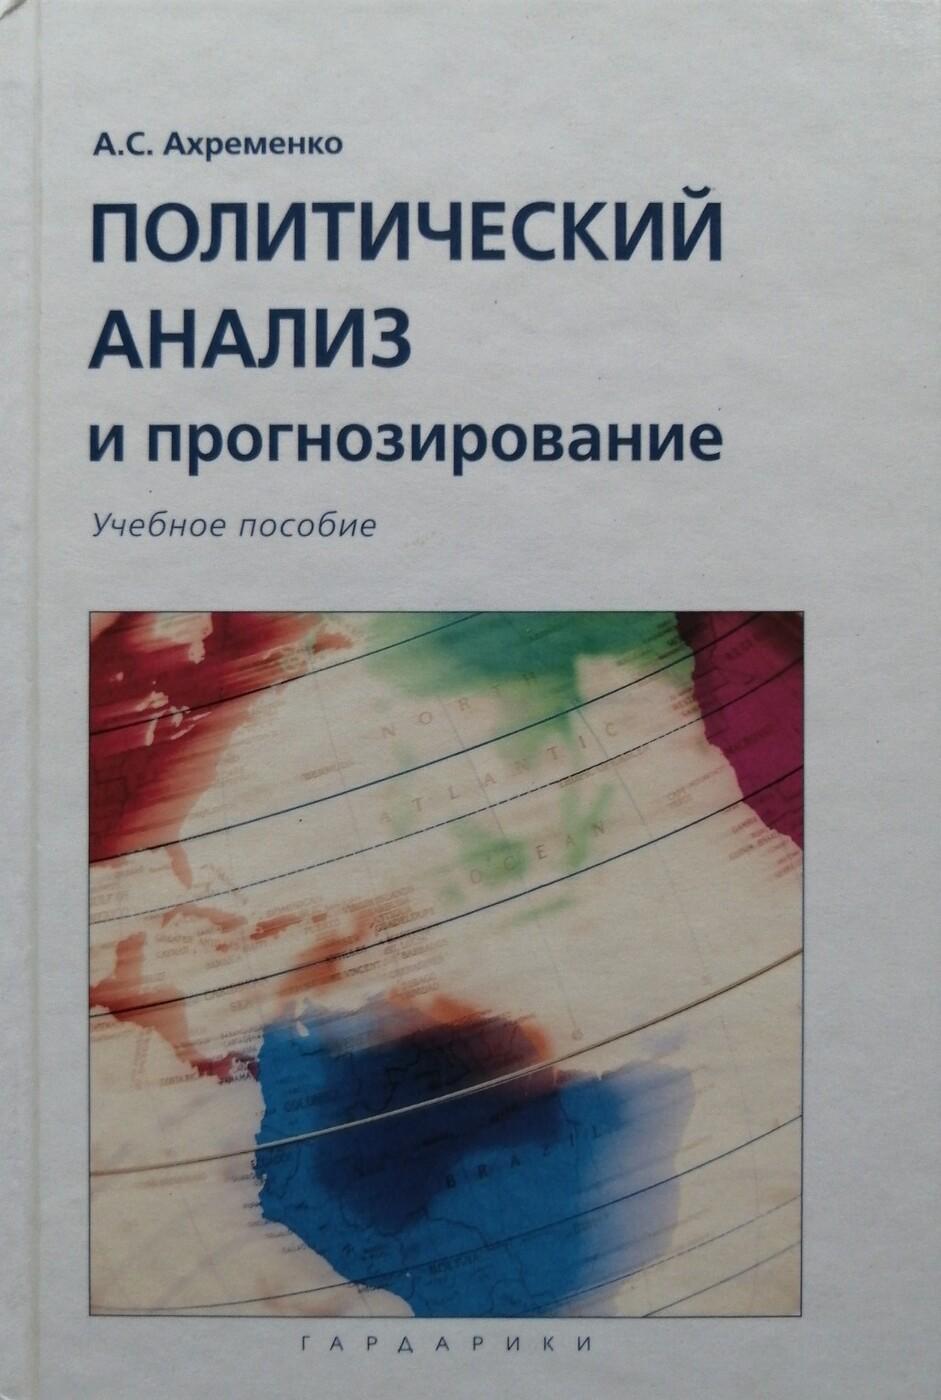 Ахременко Андрей. Политический анализ и прогнозирование